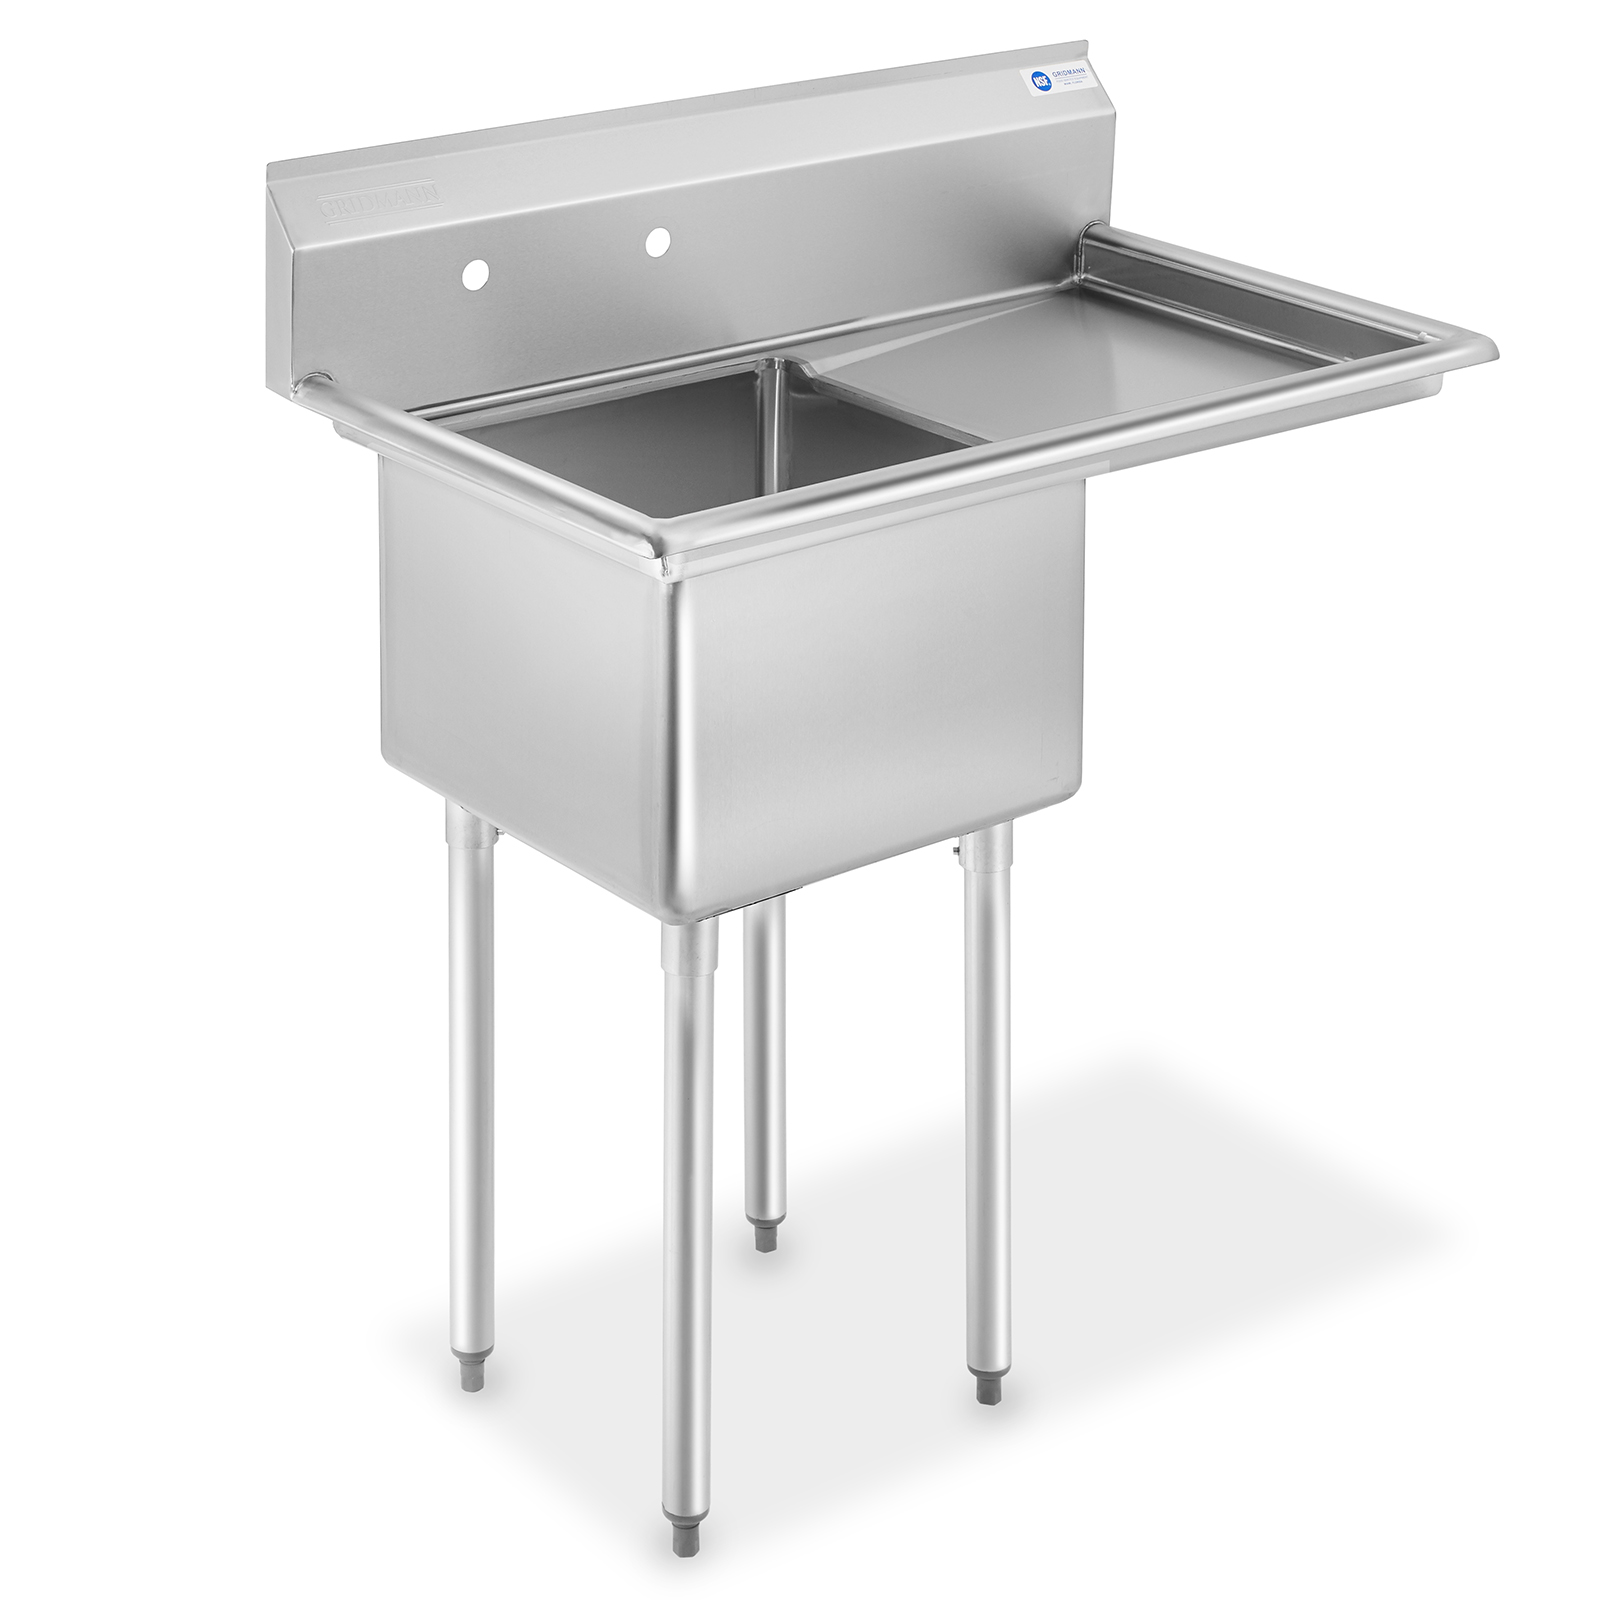 12 autoflow swing faucet for commercial wok range